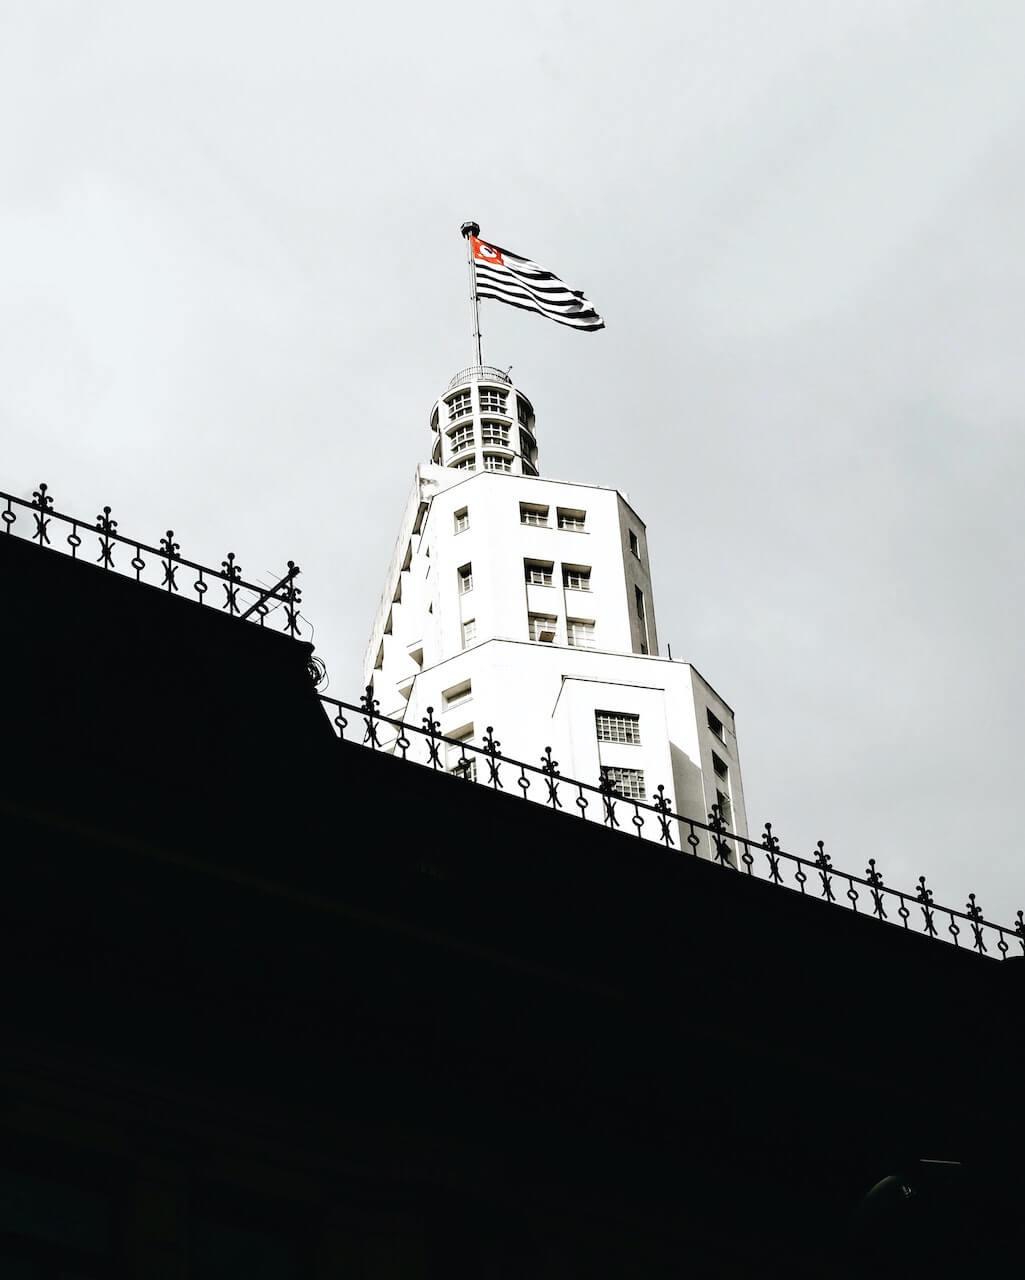 Foto do Farol do Santander na cidade de São Paulo, SP.